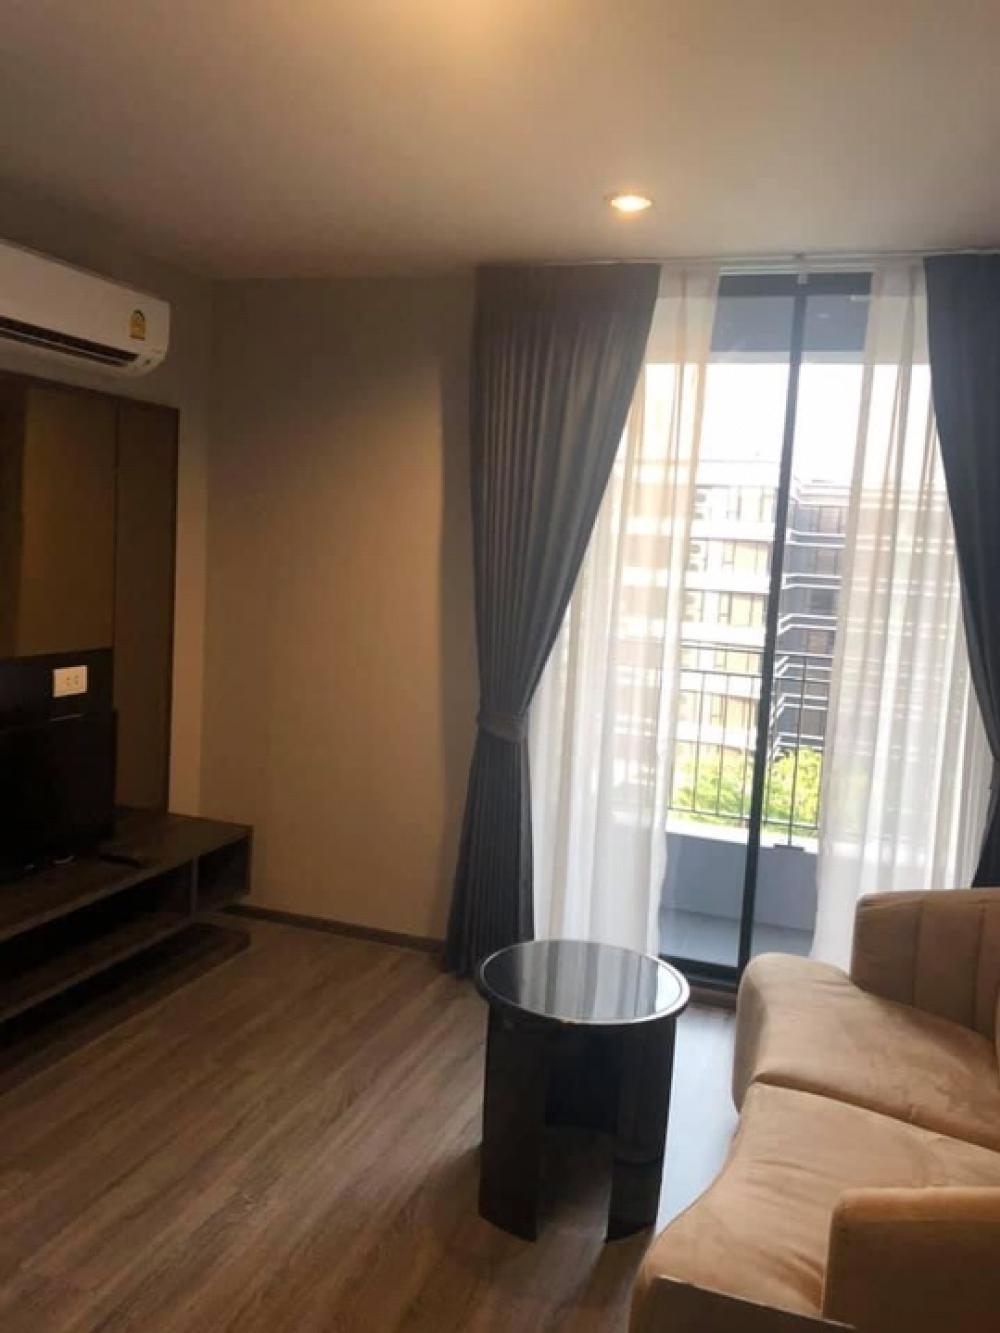 เช่าคอนโดสุขุมวิท อโศก ทองหล่อ : ให้เช่า Ideo Mobi Sukhumvit 40 BTS เอกมัย ขนาด 41 ตร.ม. 1 ห้องนอน ชั้น 7